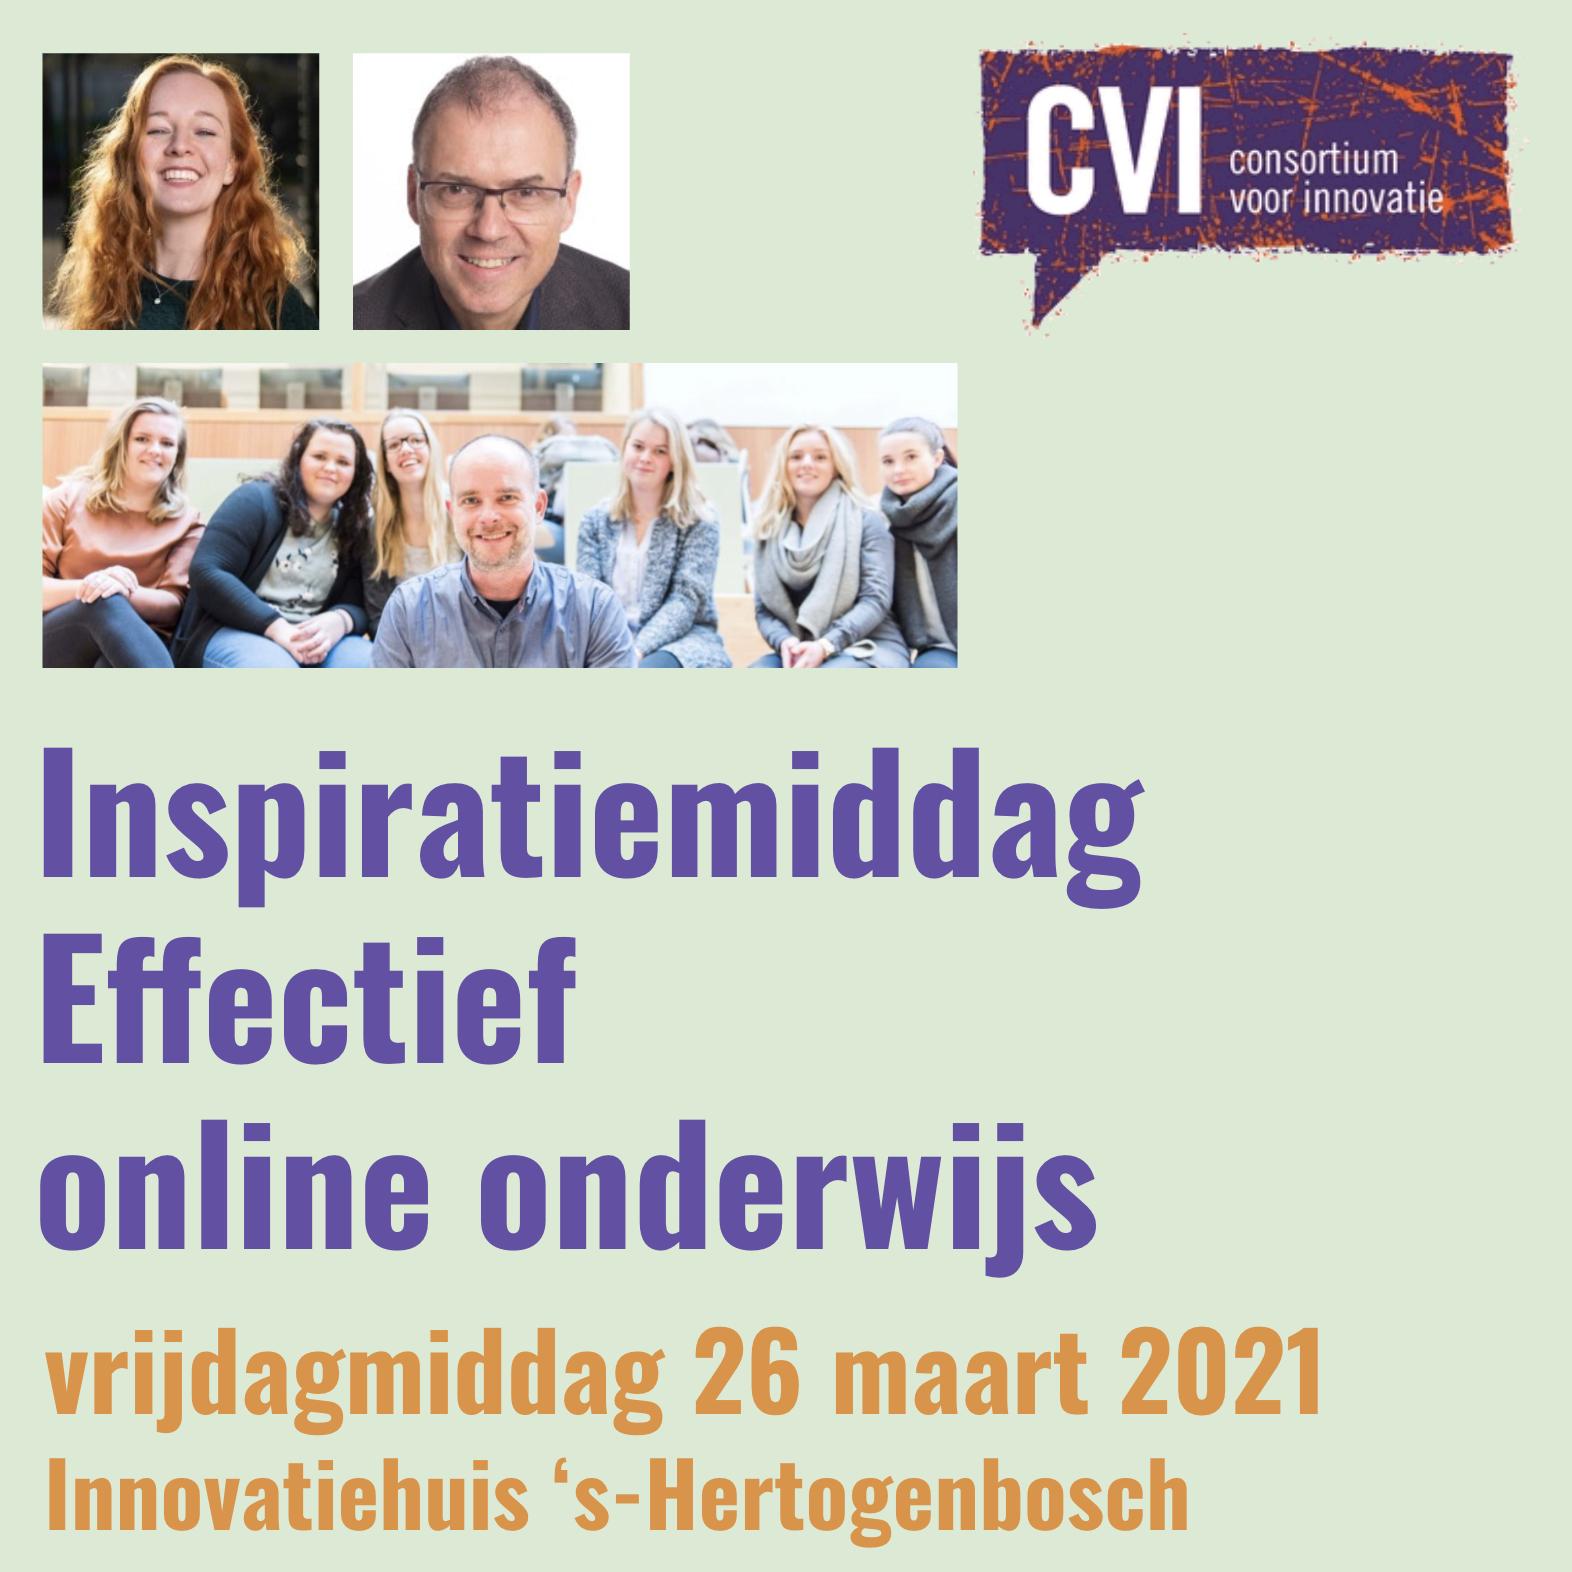 Inspiratiemiddag  Effectief online onderwijs